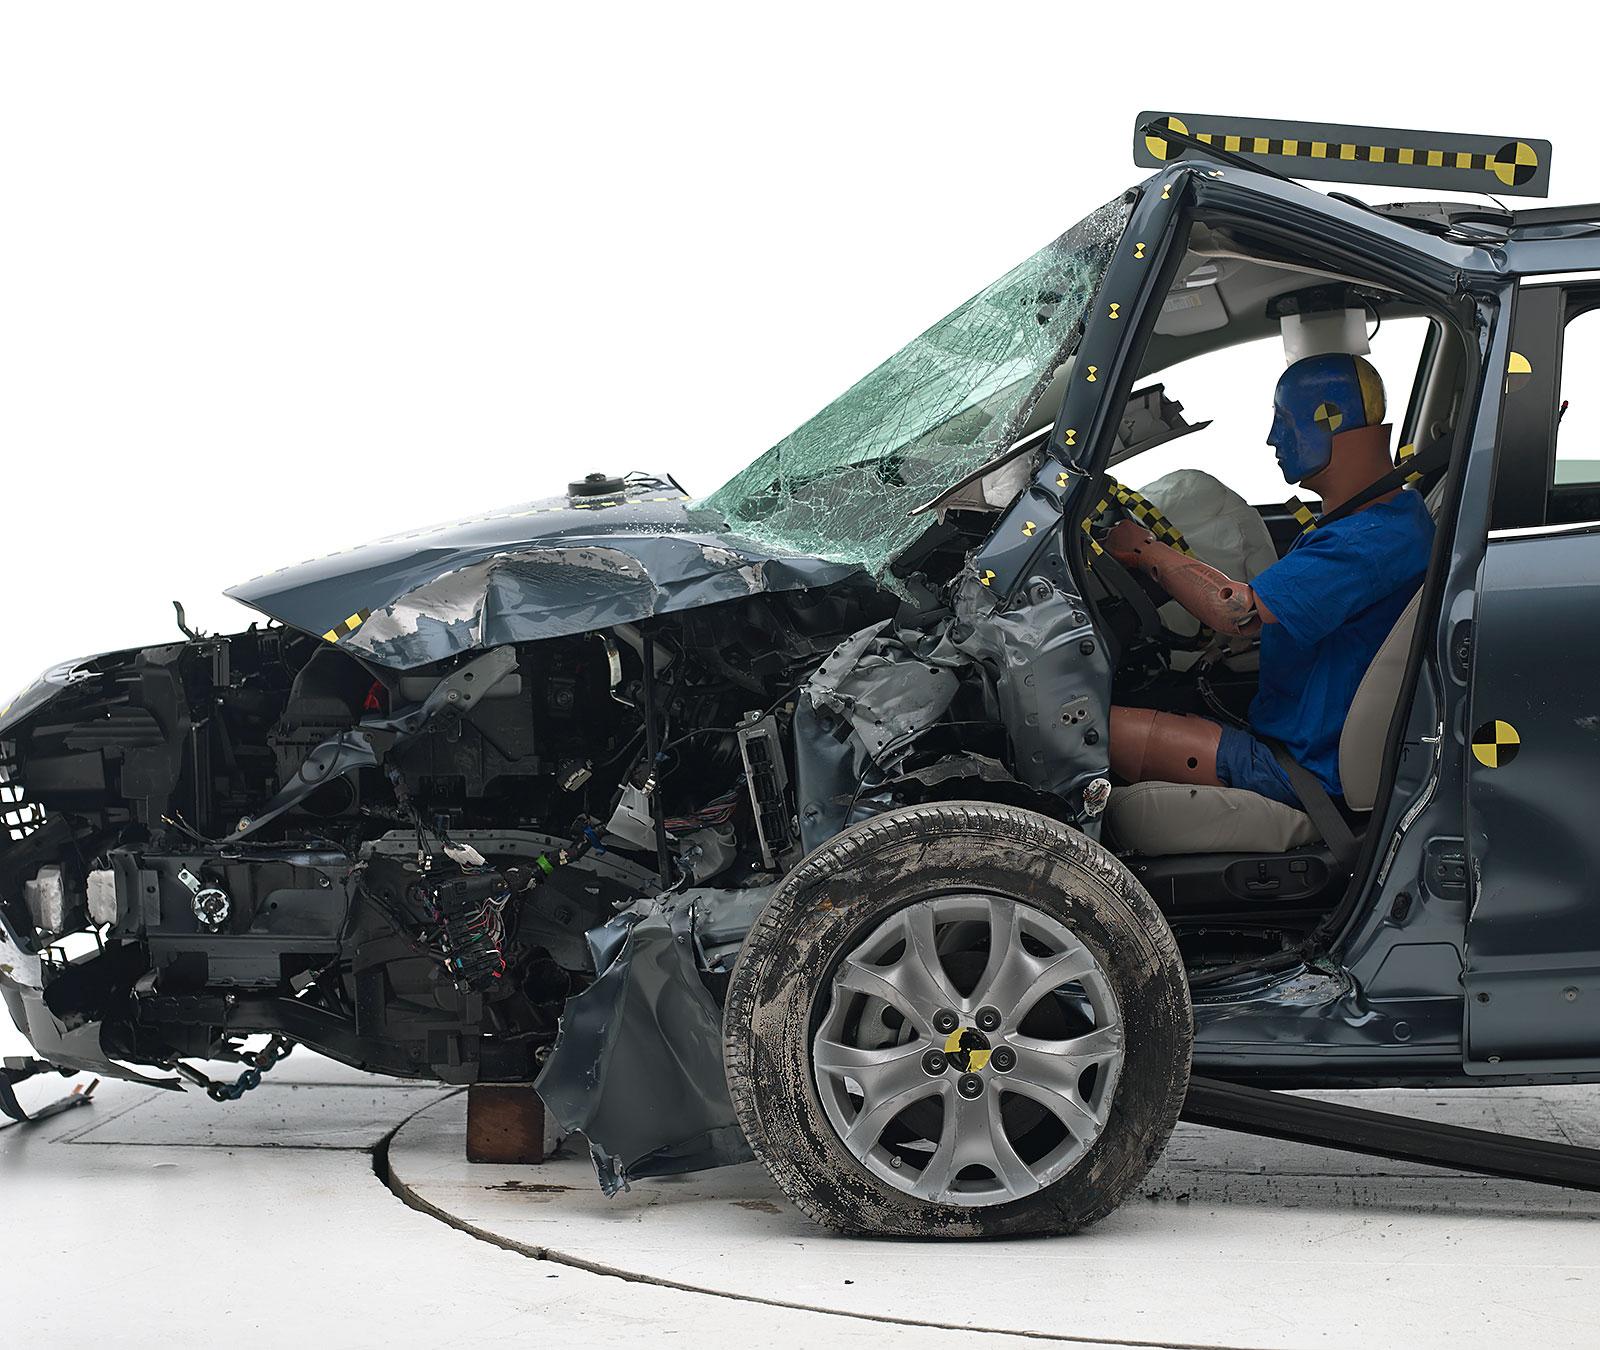 Mazda Suv 2014: 2014 Mazda CX-9